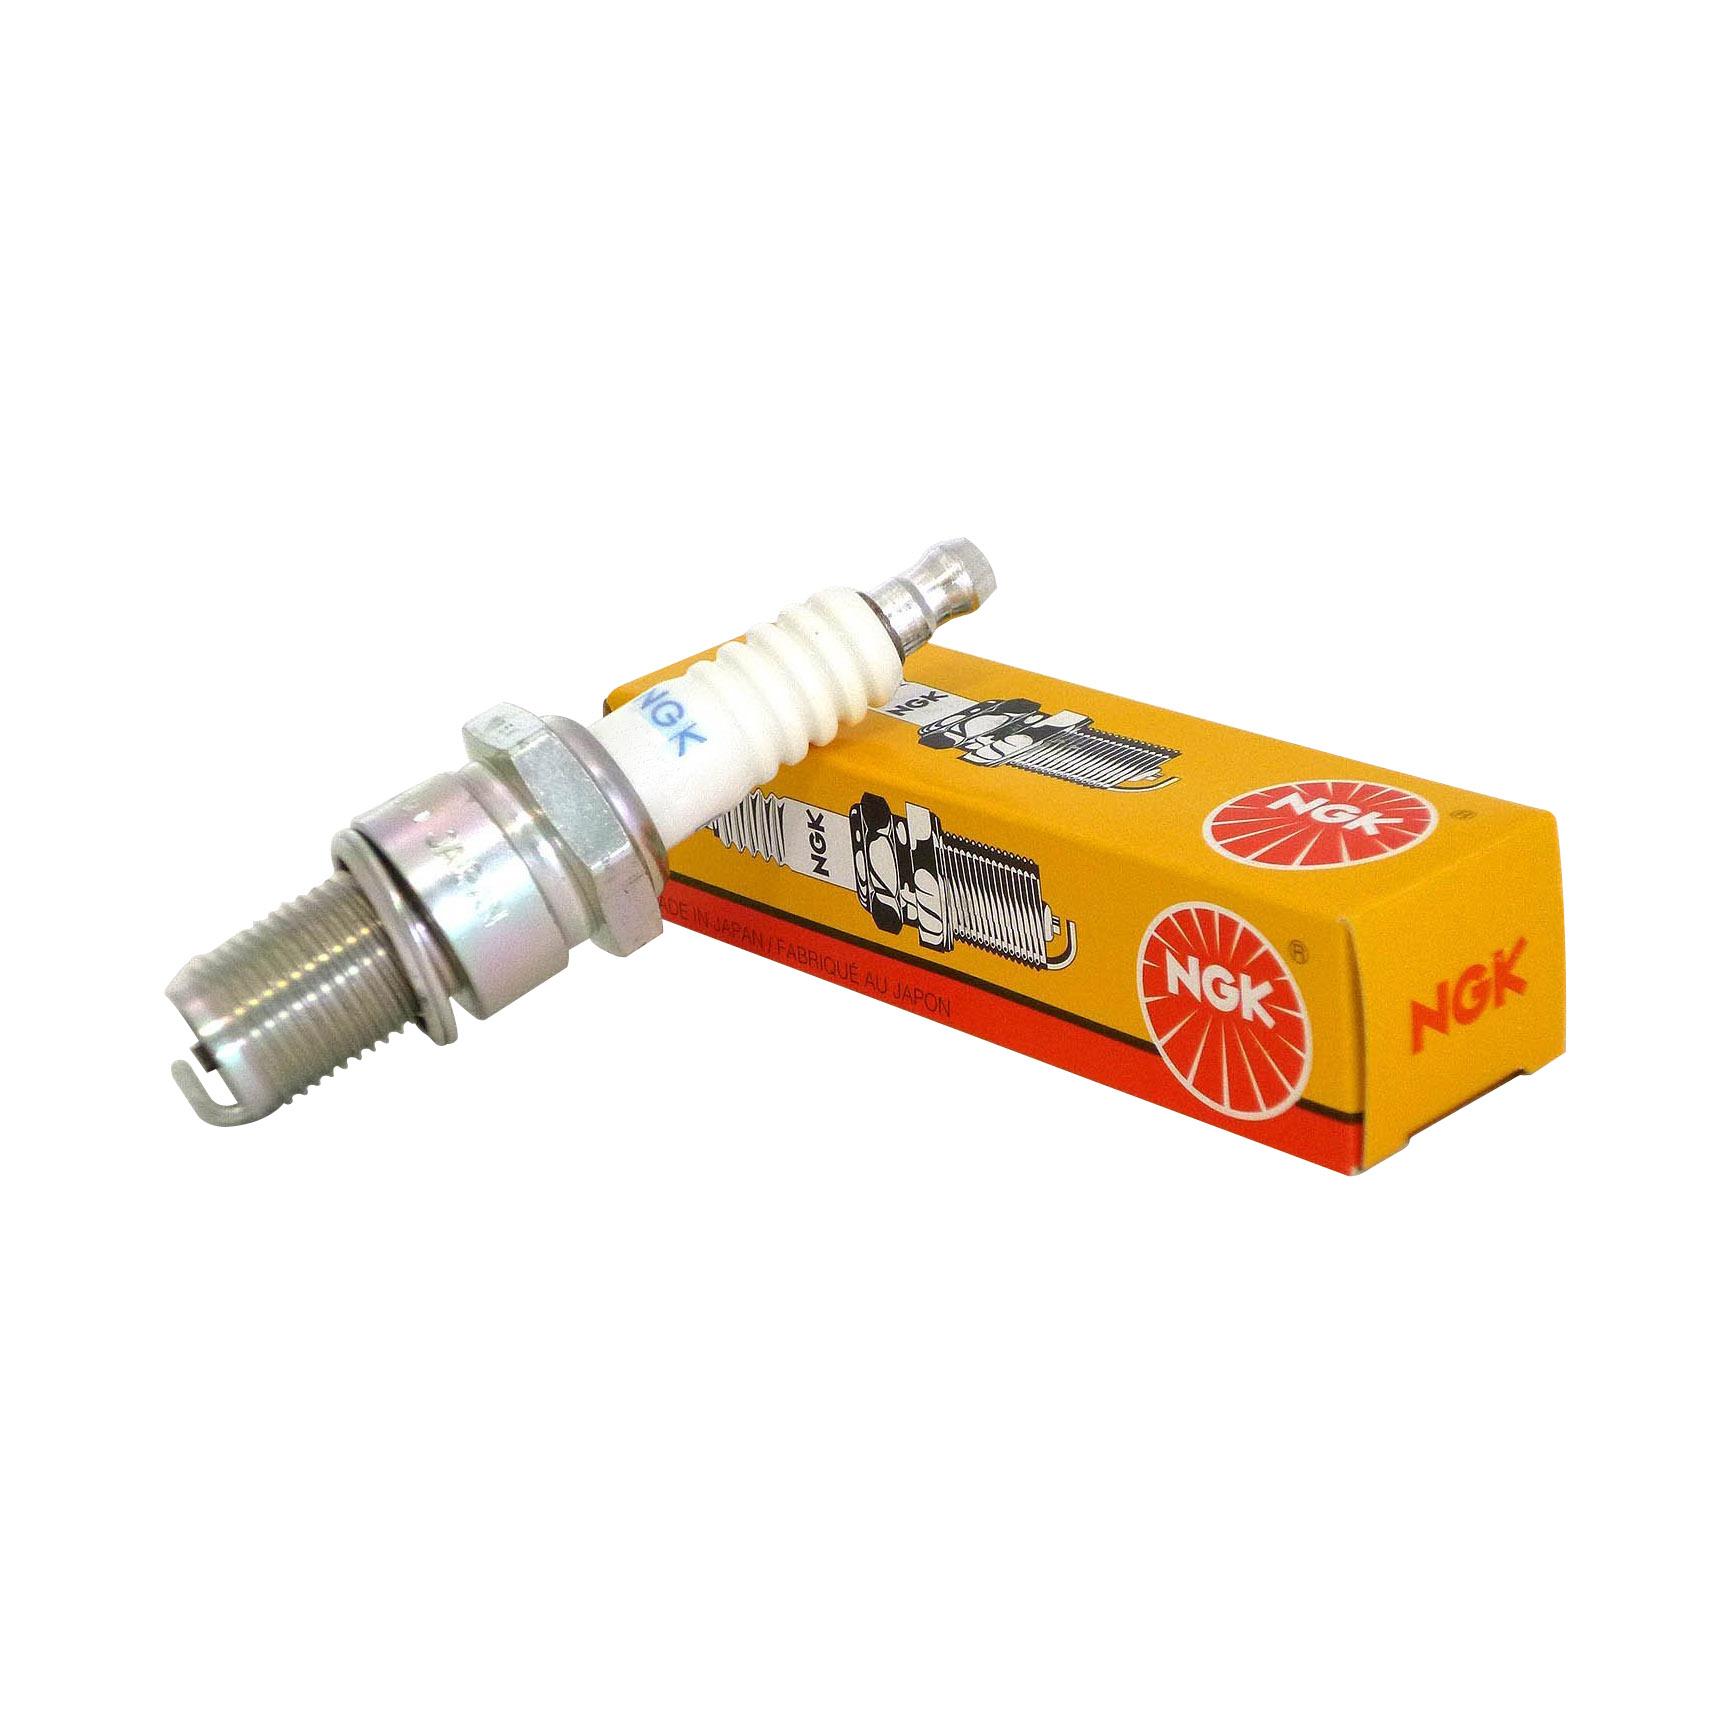 NGK Iridium Spark Plug - SILMAR9B9 95399